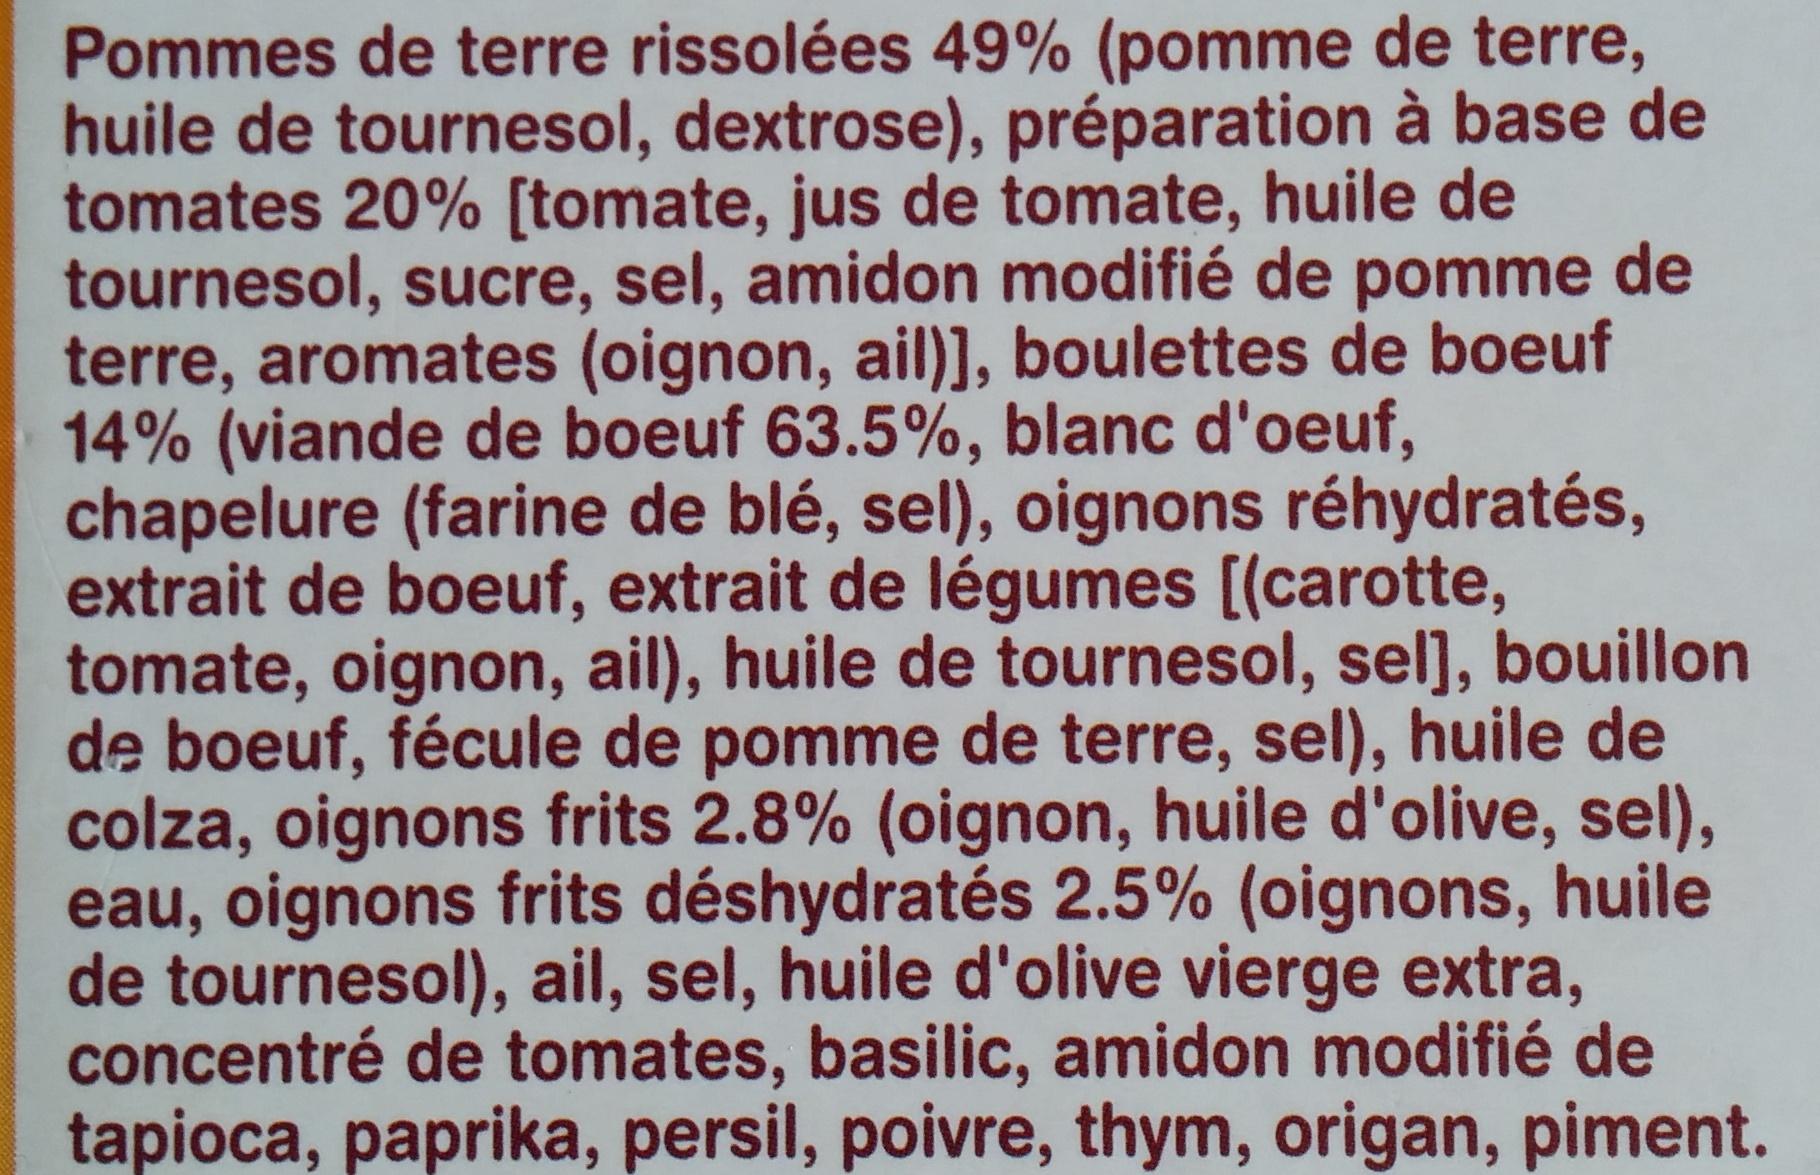 Boulettes de boeuf pomme de terre - Ingredients